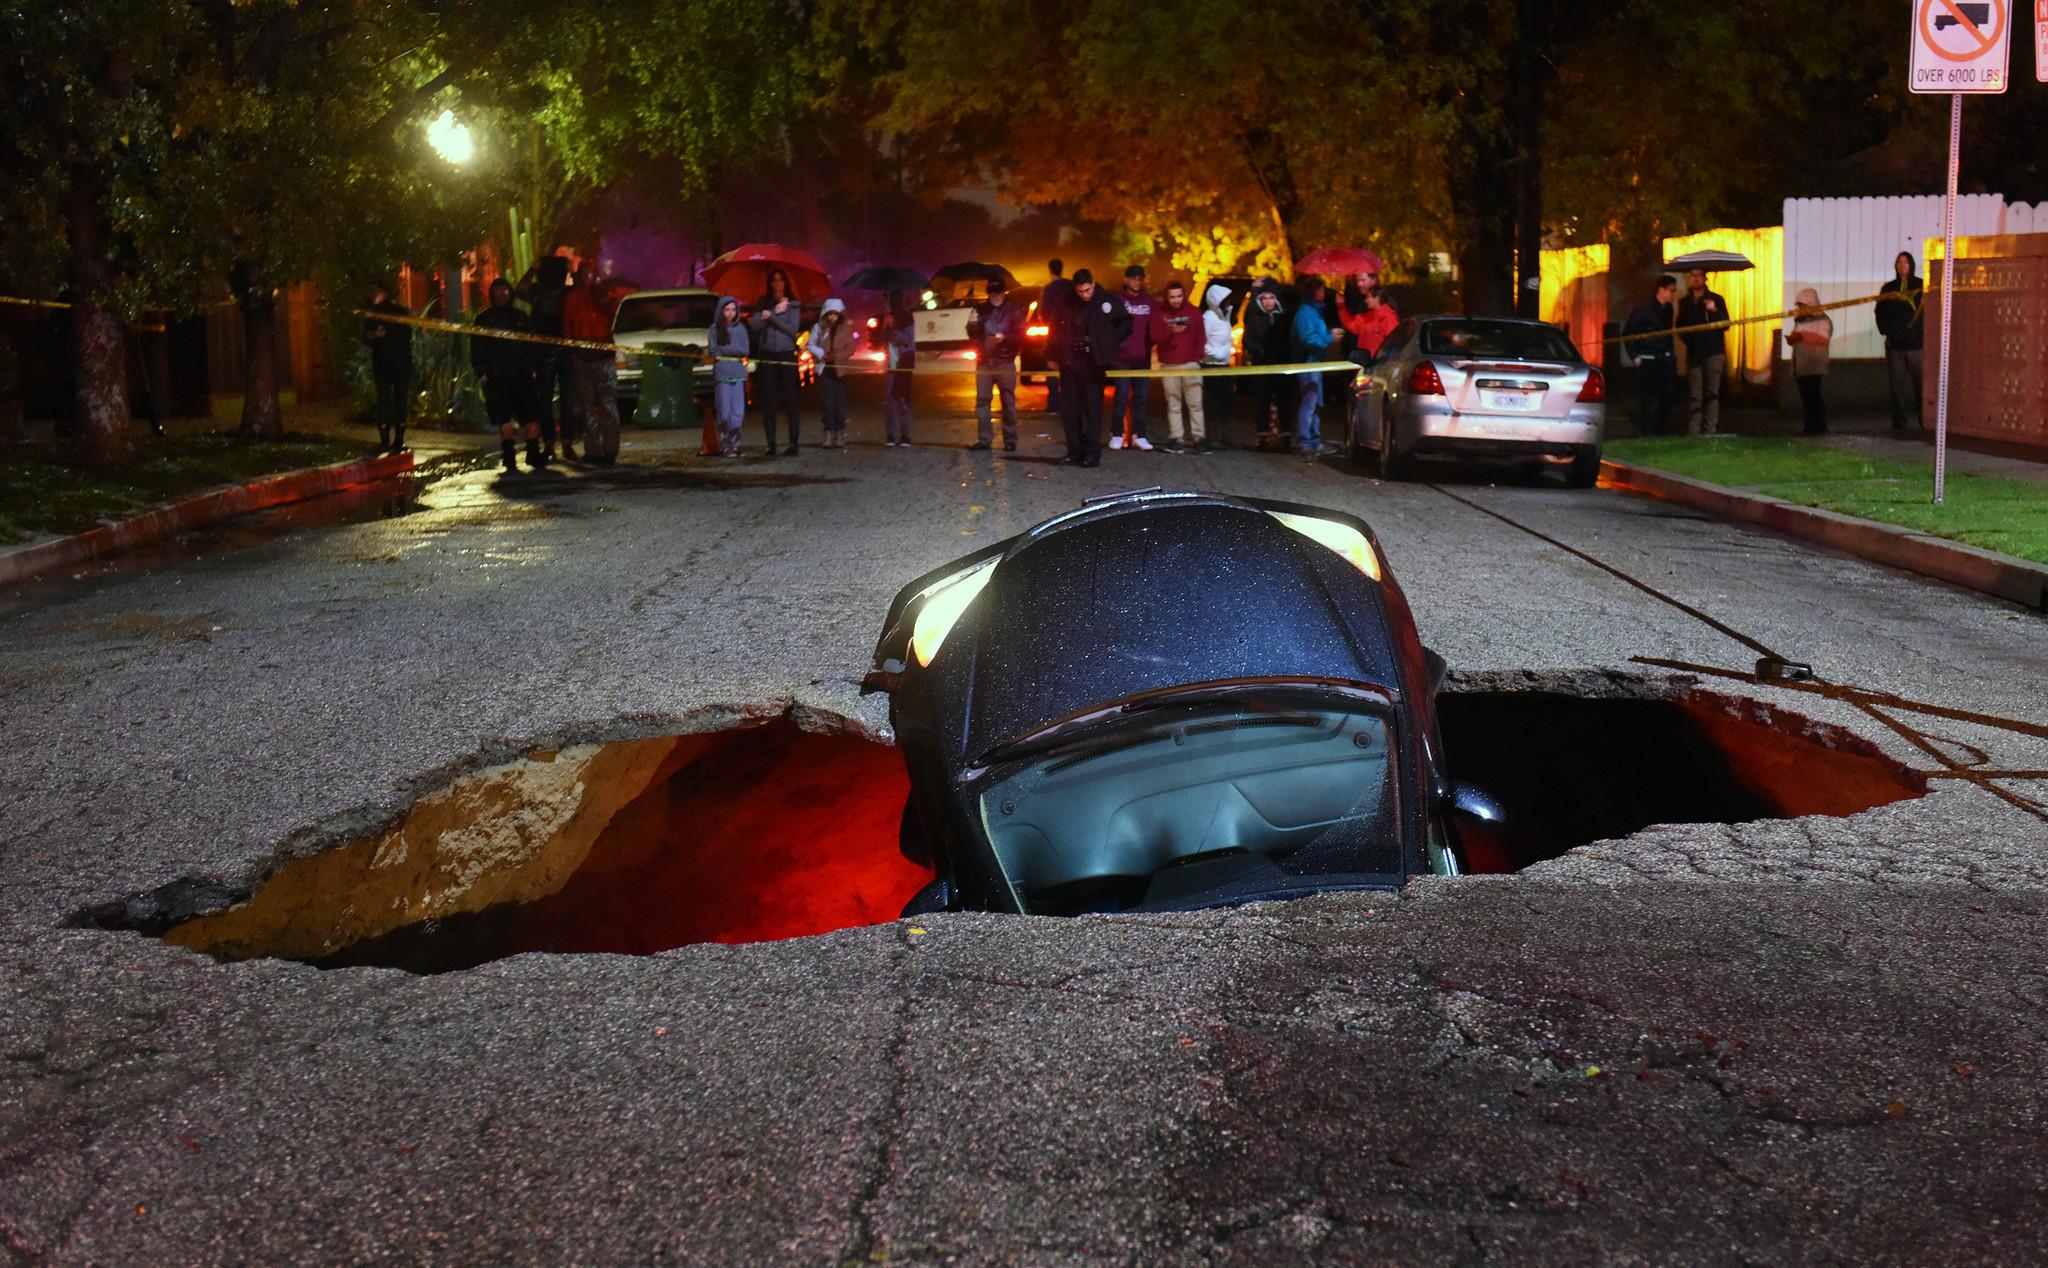 Αποζημίωση $4 εκατ. σε οδηγό που έπεσε με το αυτοκίνητο του σε τρύπα [vid]